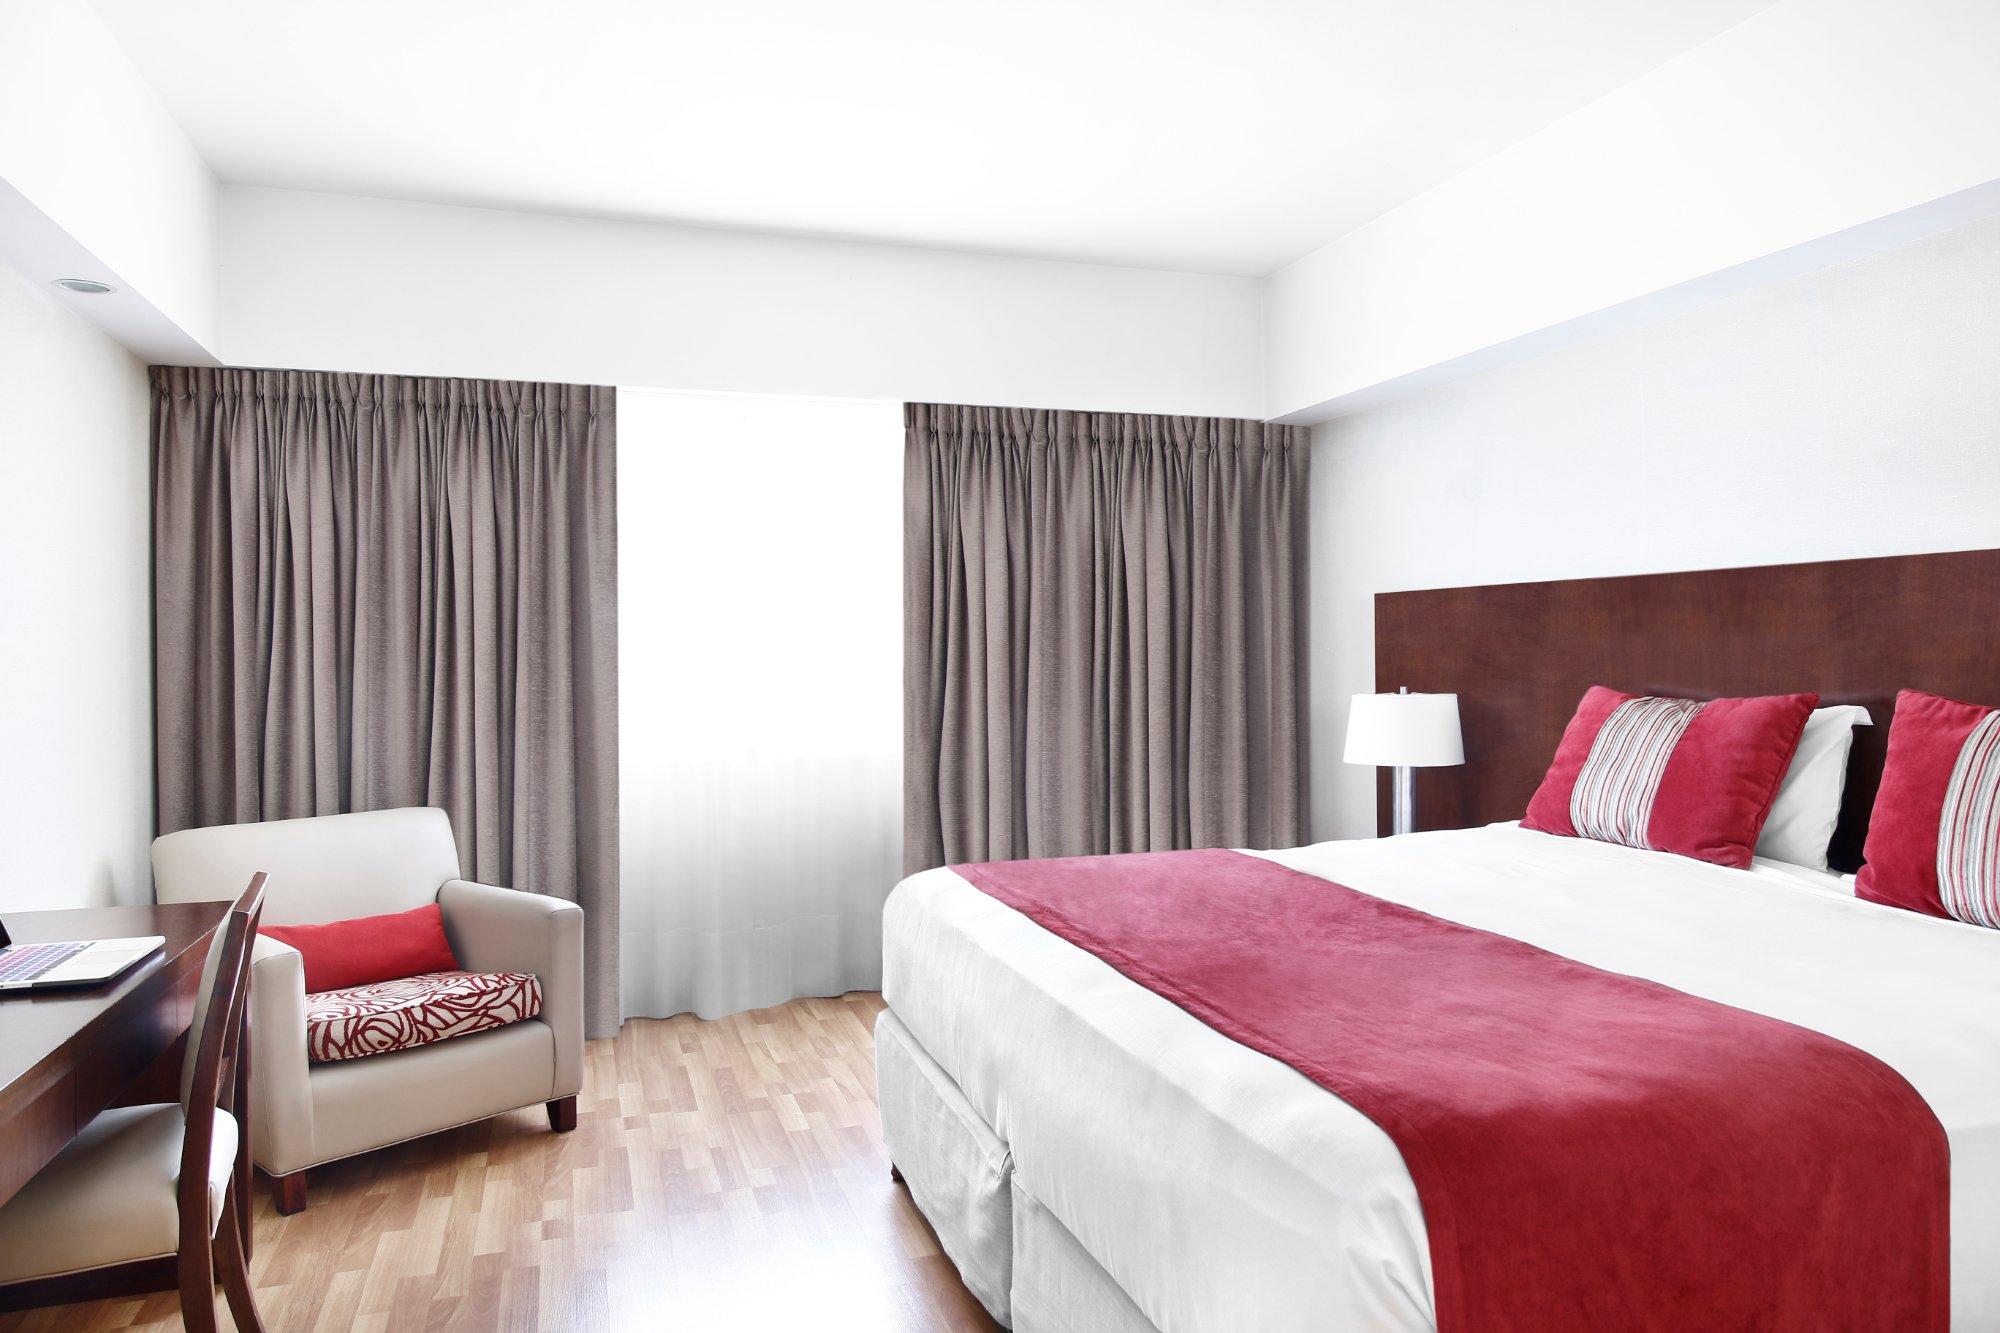 Hotel De Las Americas Cyan Hotel De Las Americas Updated 2017 Reviews Price Comparison